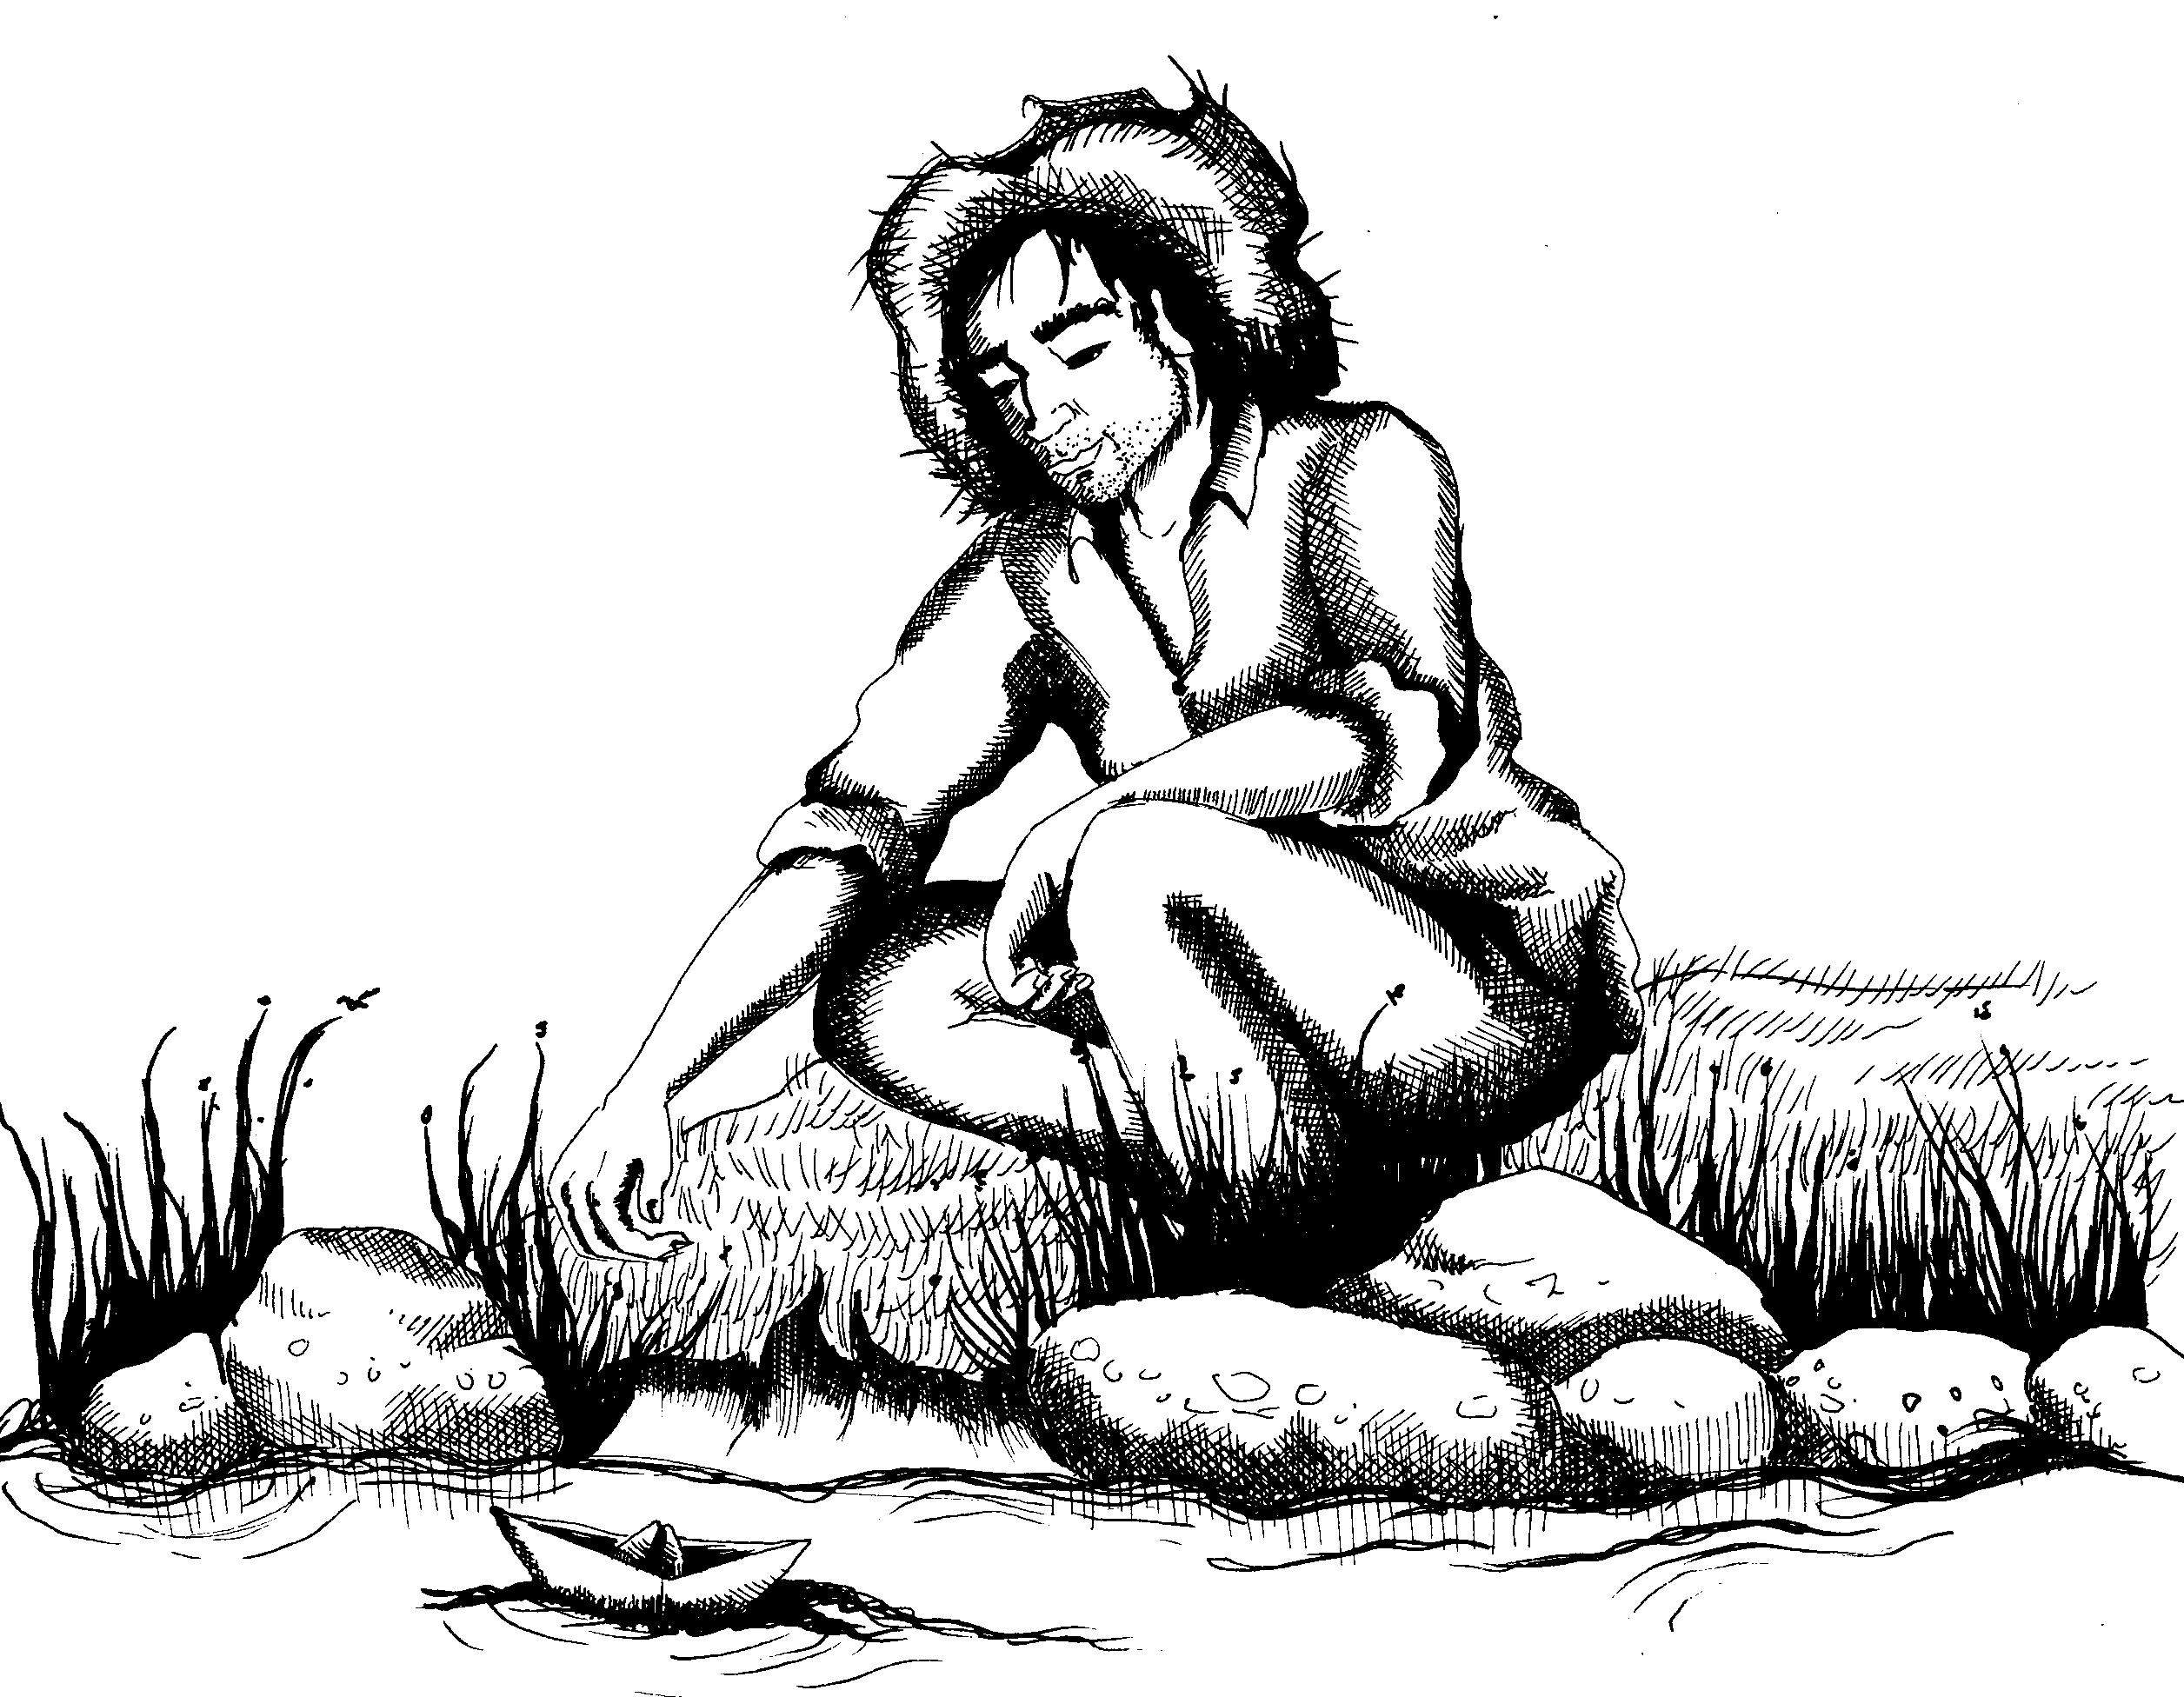 Encuentro sobre la encrucijada, según Lorena Riego. Ilustración: cortesía de la revista Acción Cooperativa.